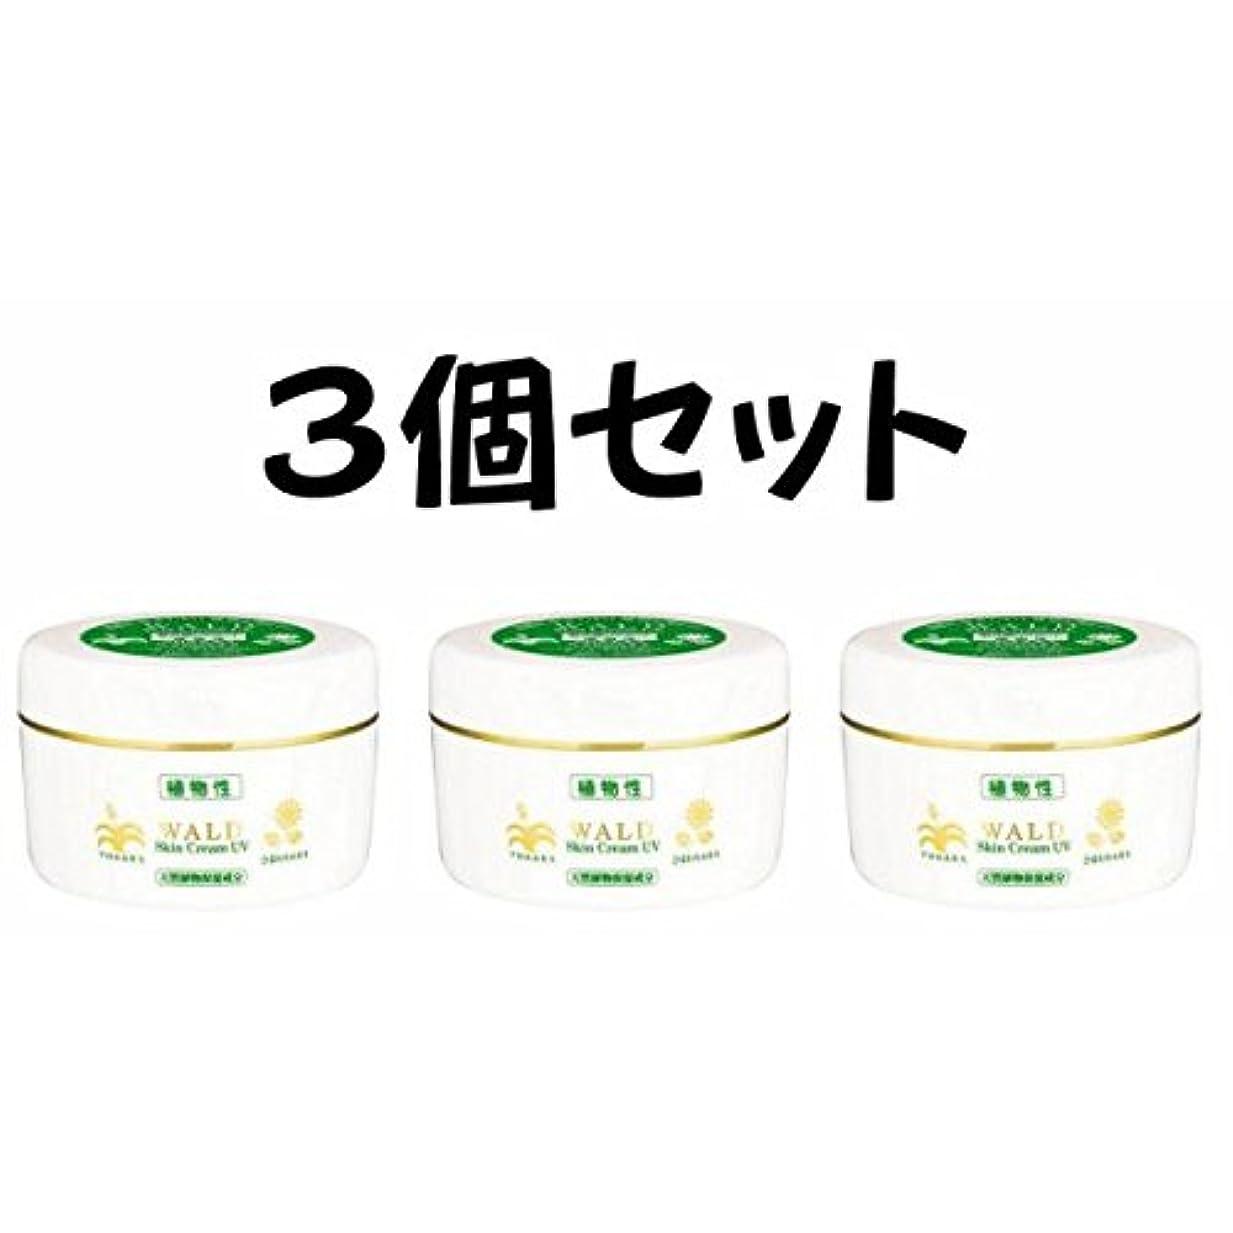 インポート故障独立した新 ヴァルトスキンクリーム UV (WALD Skin Cream UV) 220g (3)